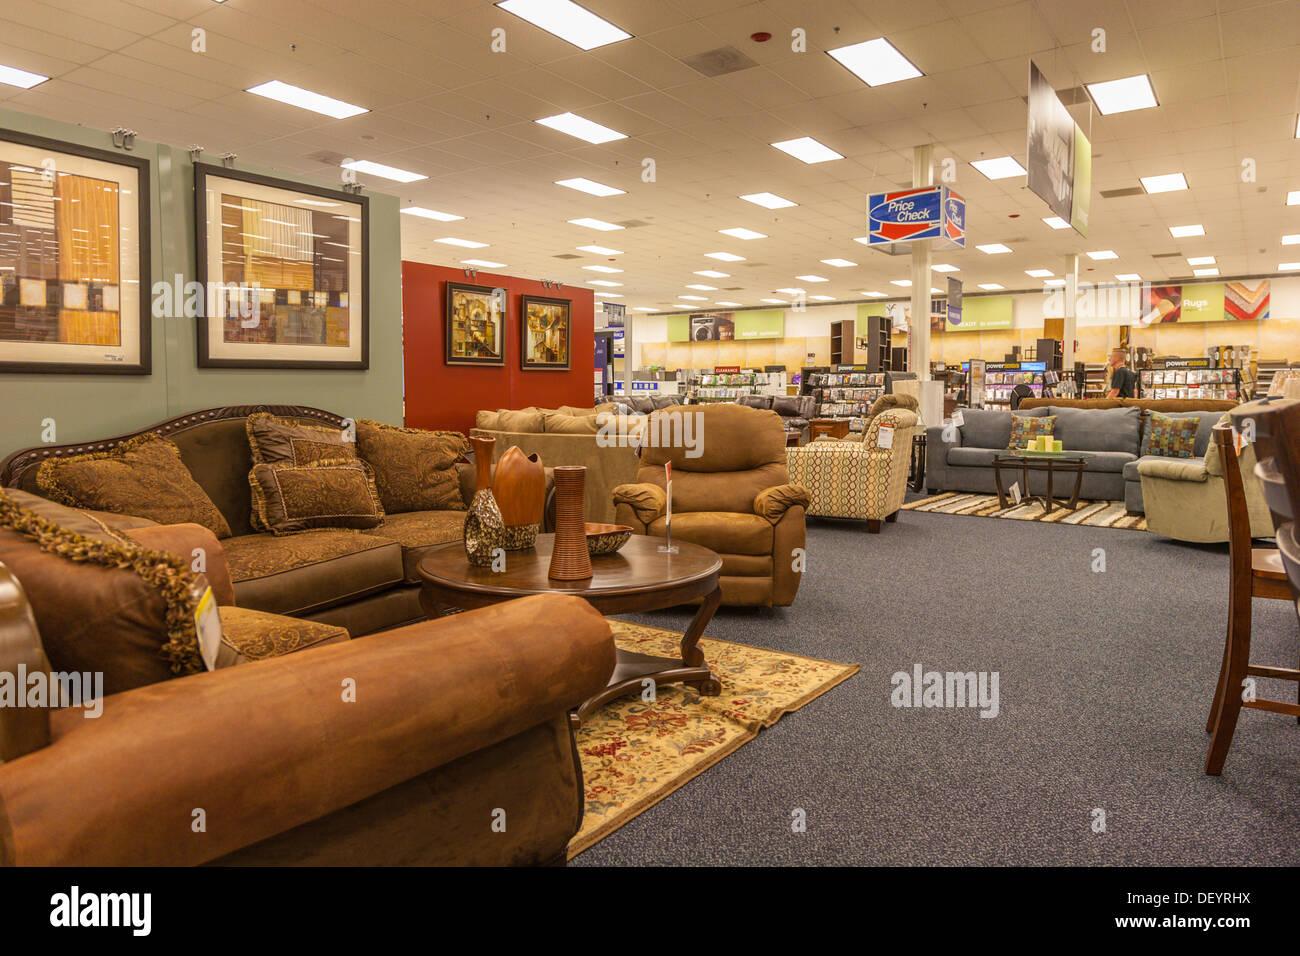 Living Room Furniture For Sale Inside The Base Exchange Store At Keesler  Air Force Base In Biloxi, Mississippi